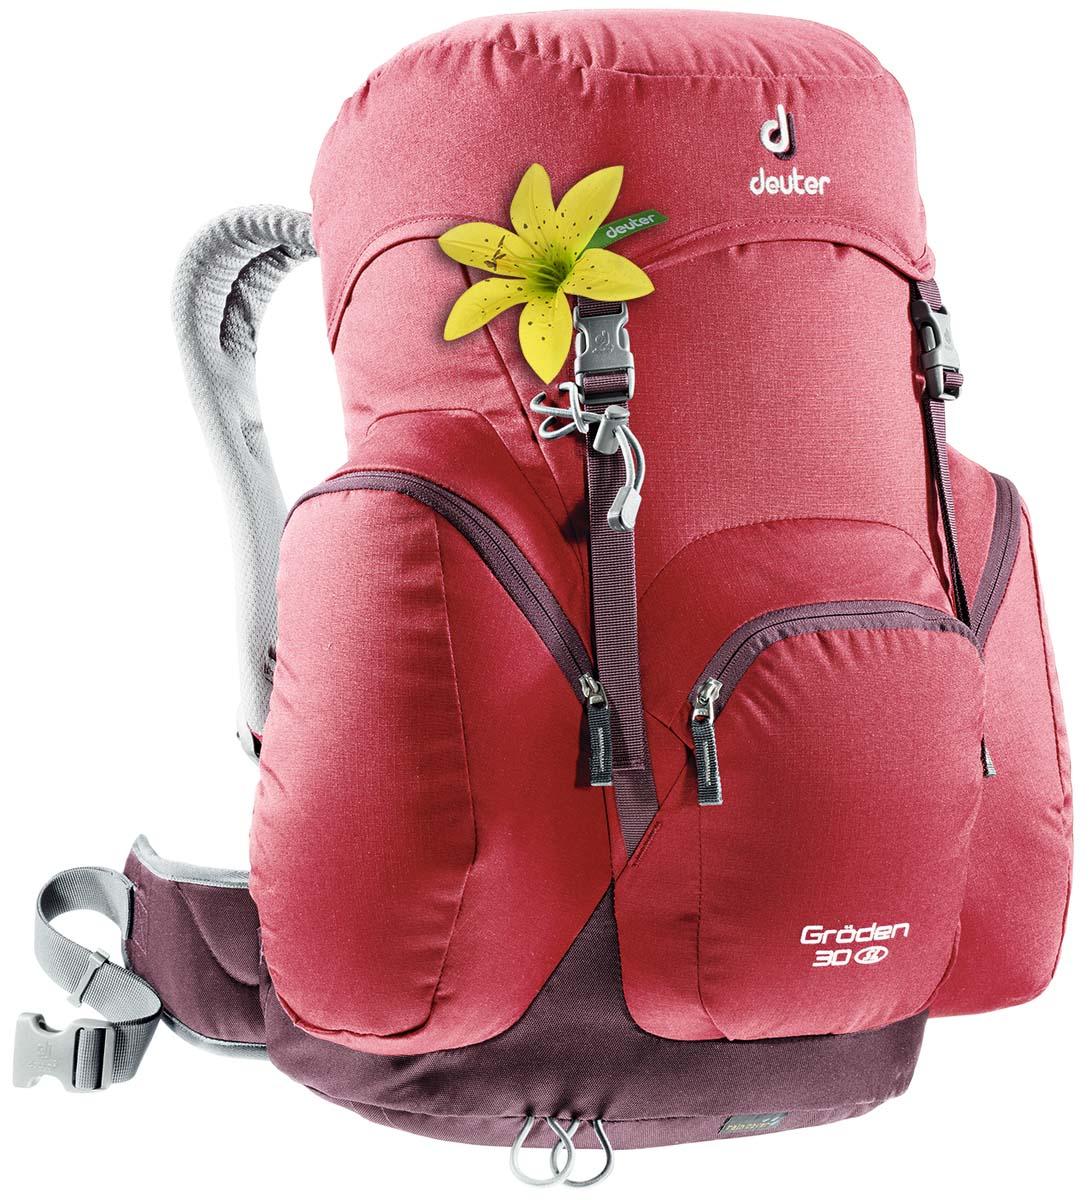 Рюкзак туристический Deuter Groden 30 SL, цвет: темно-красный, 30 л рюкзак deuter giga цвет сливовый темно серый 28л